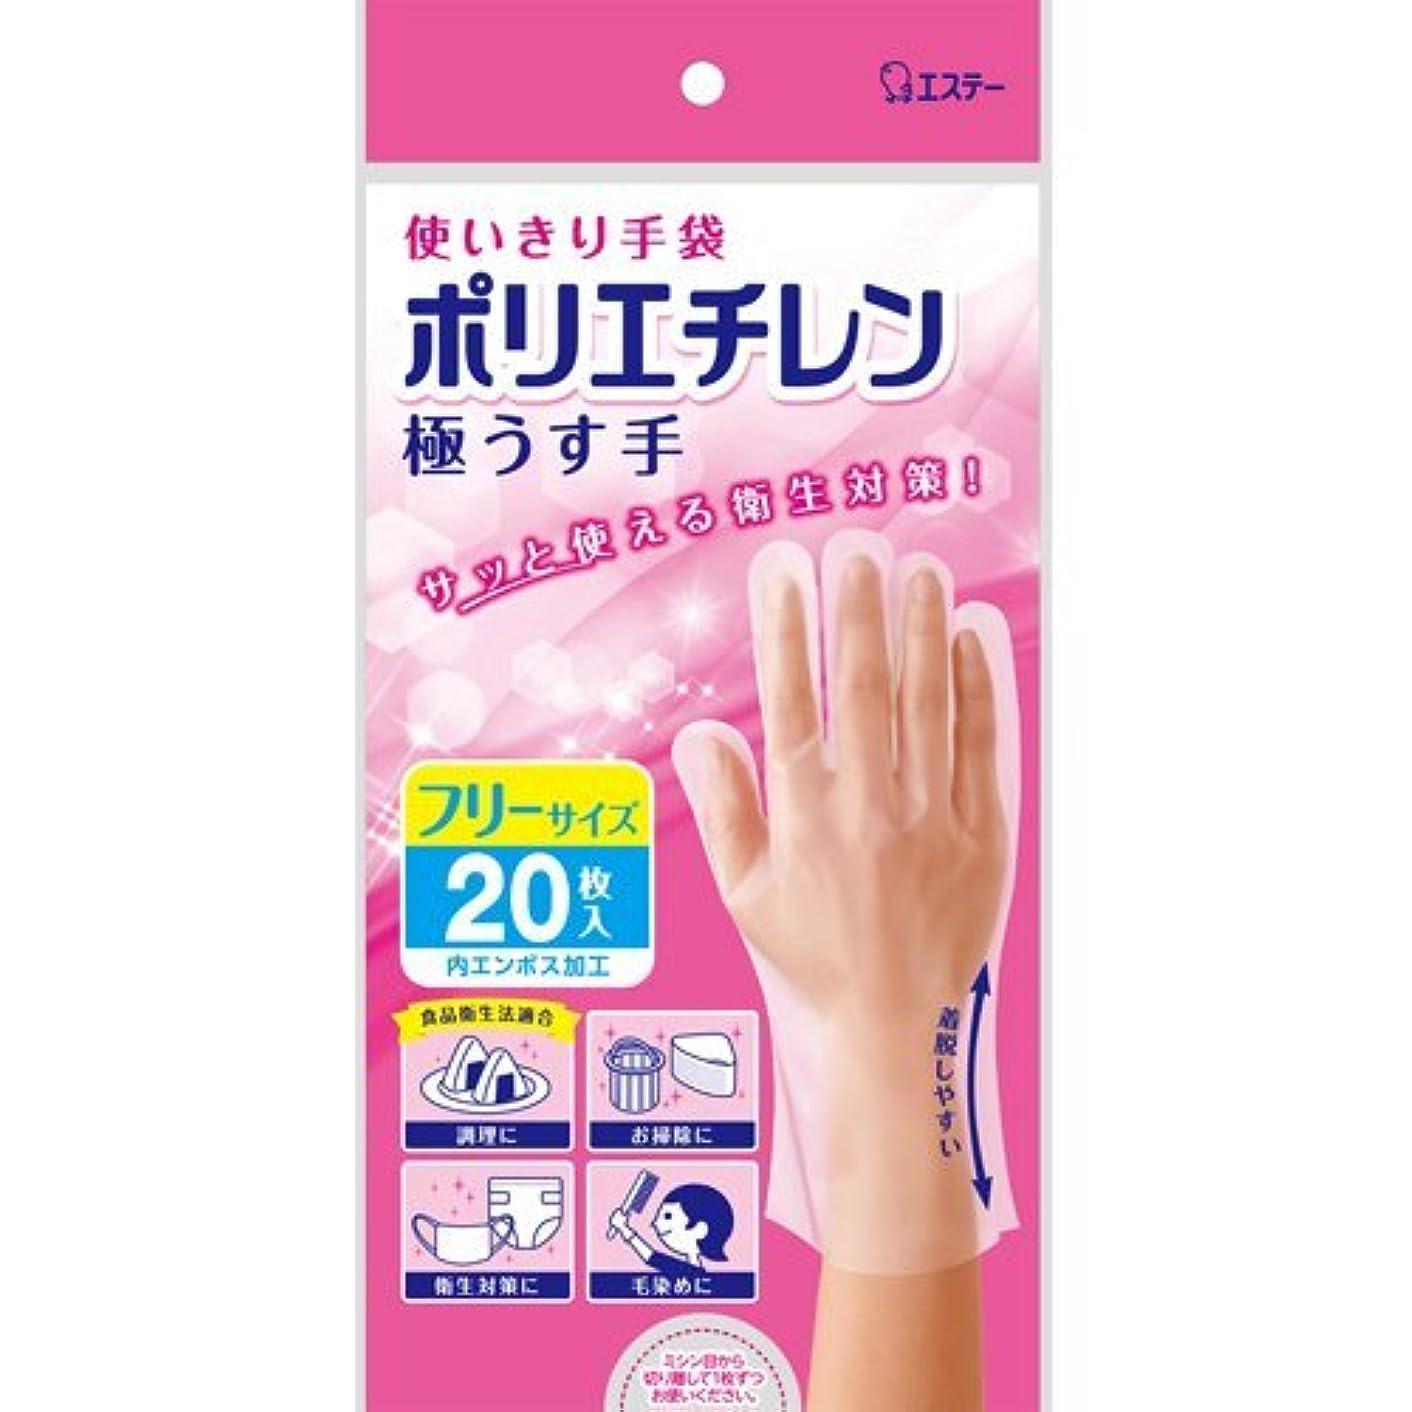 取り除くインフレーションスチュアート島使いきり手袋 ポリエチレン 極うす手 半透明 フリーサイズ 20枚